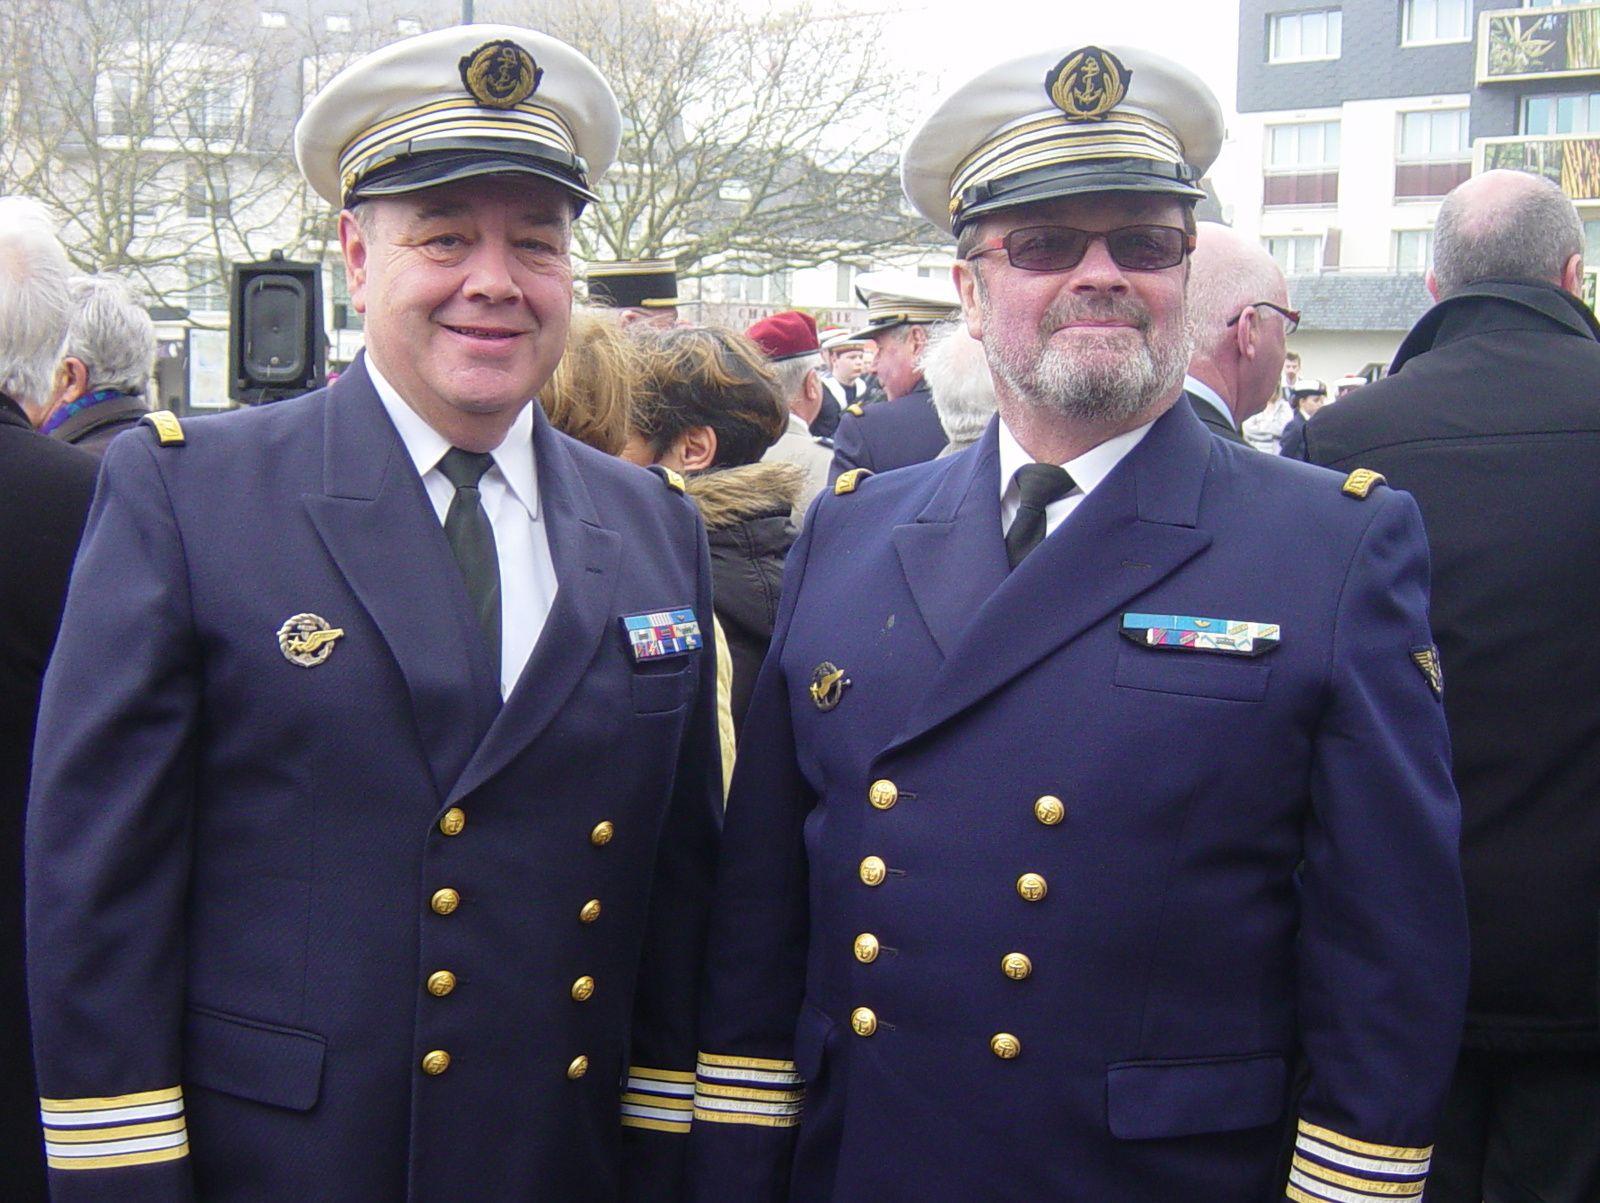 Joël Seveno et Philippe Troussard Président et Vice-Président du Souvenir Français de Ploemeur, en tenue de circonstance pour participer à la remise des insignes.